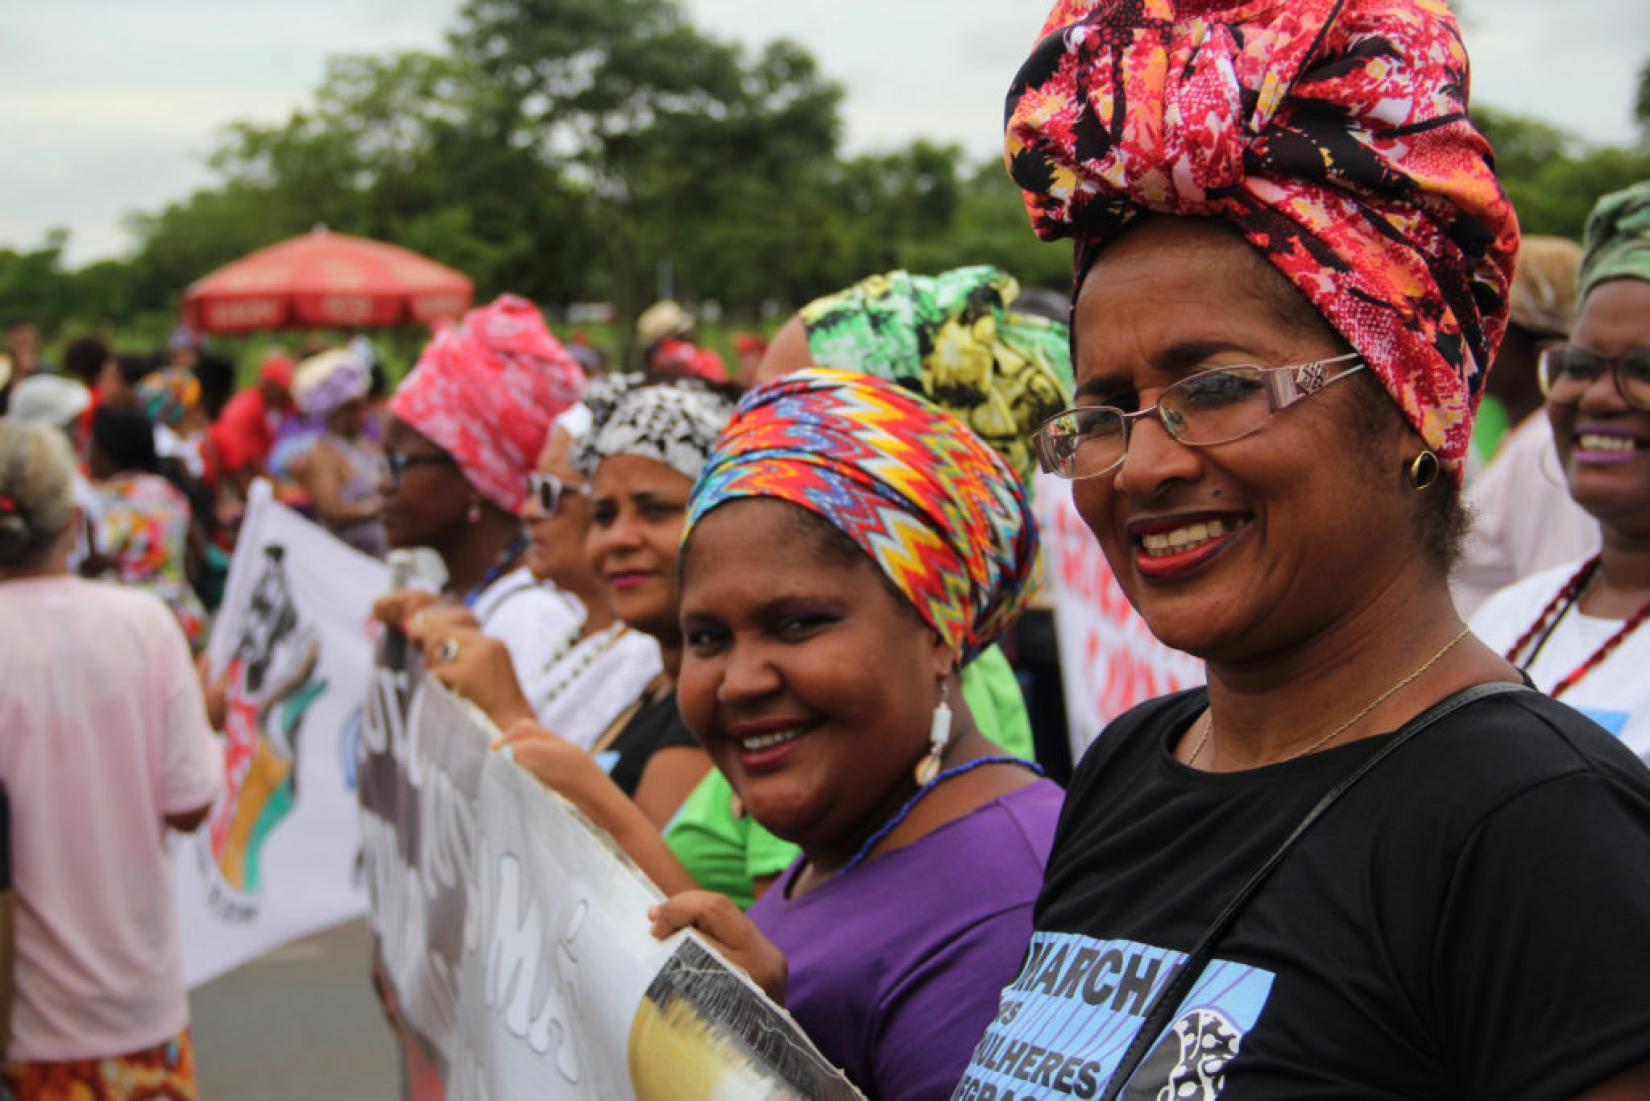 Marcha das Mulheres Negras contra o Racismo e a Violência e pelo Bem Viver, em 2015, em Brasília.